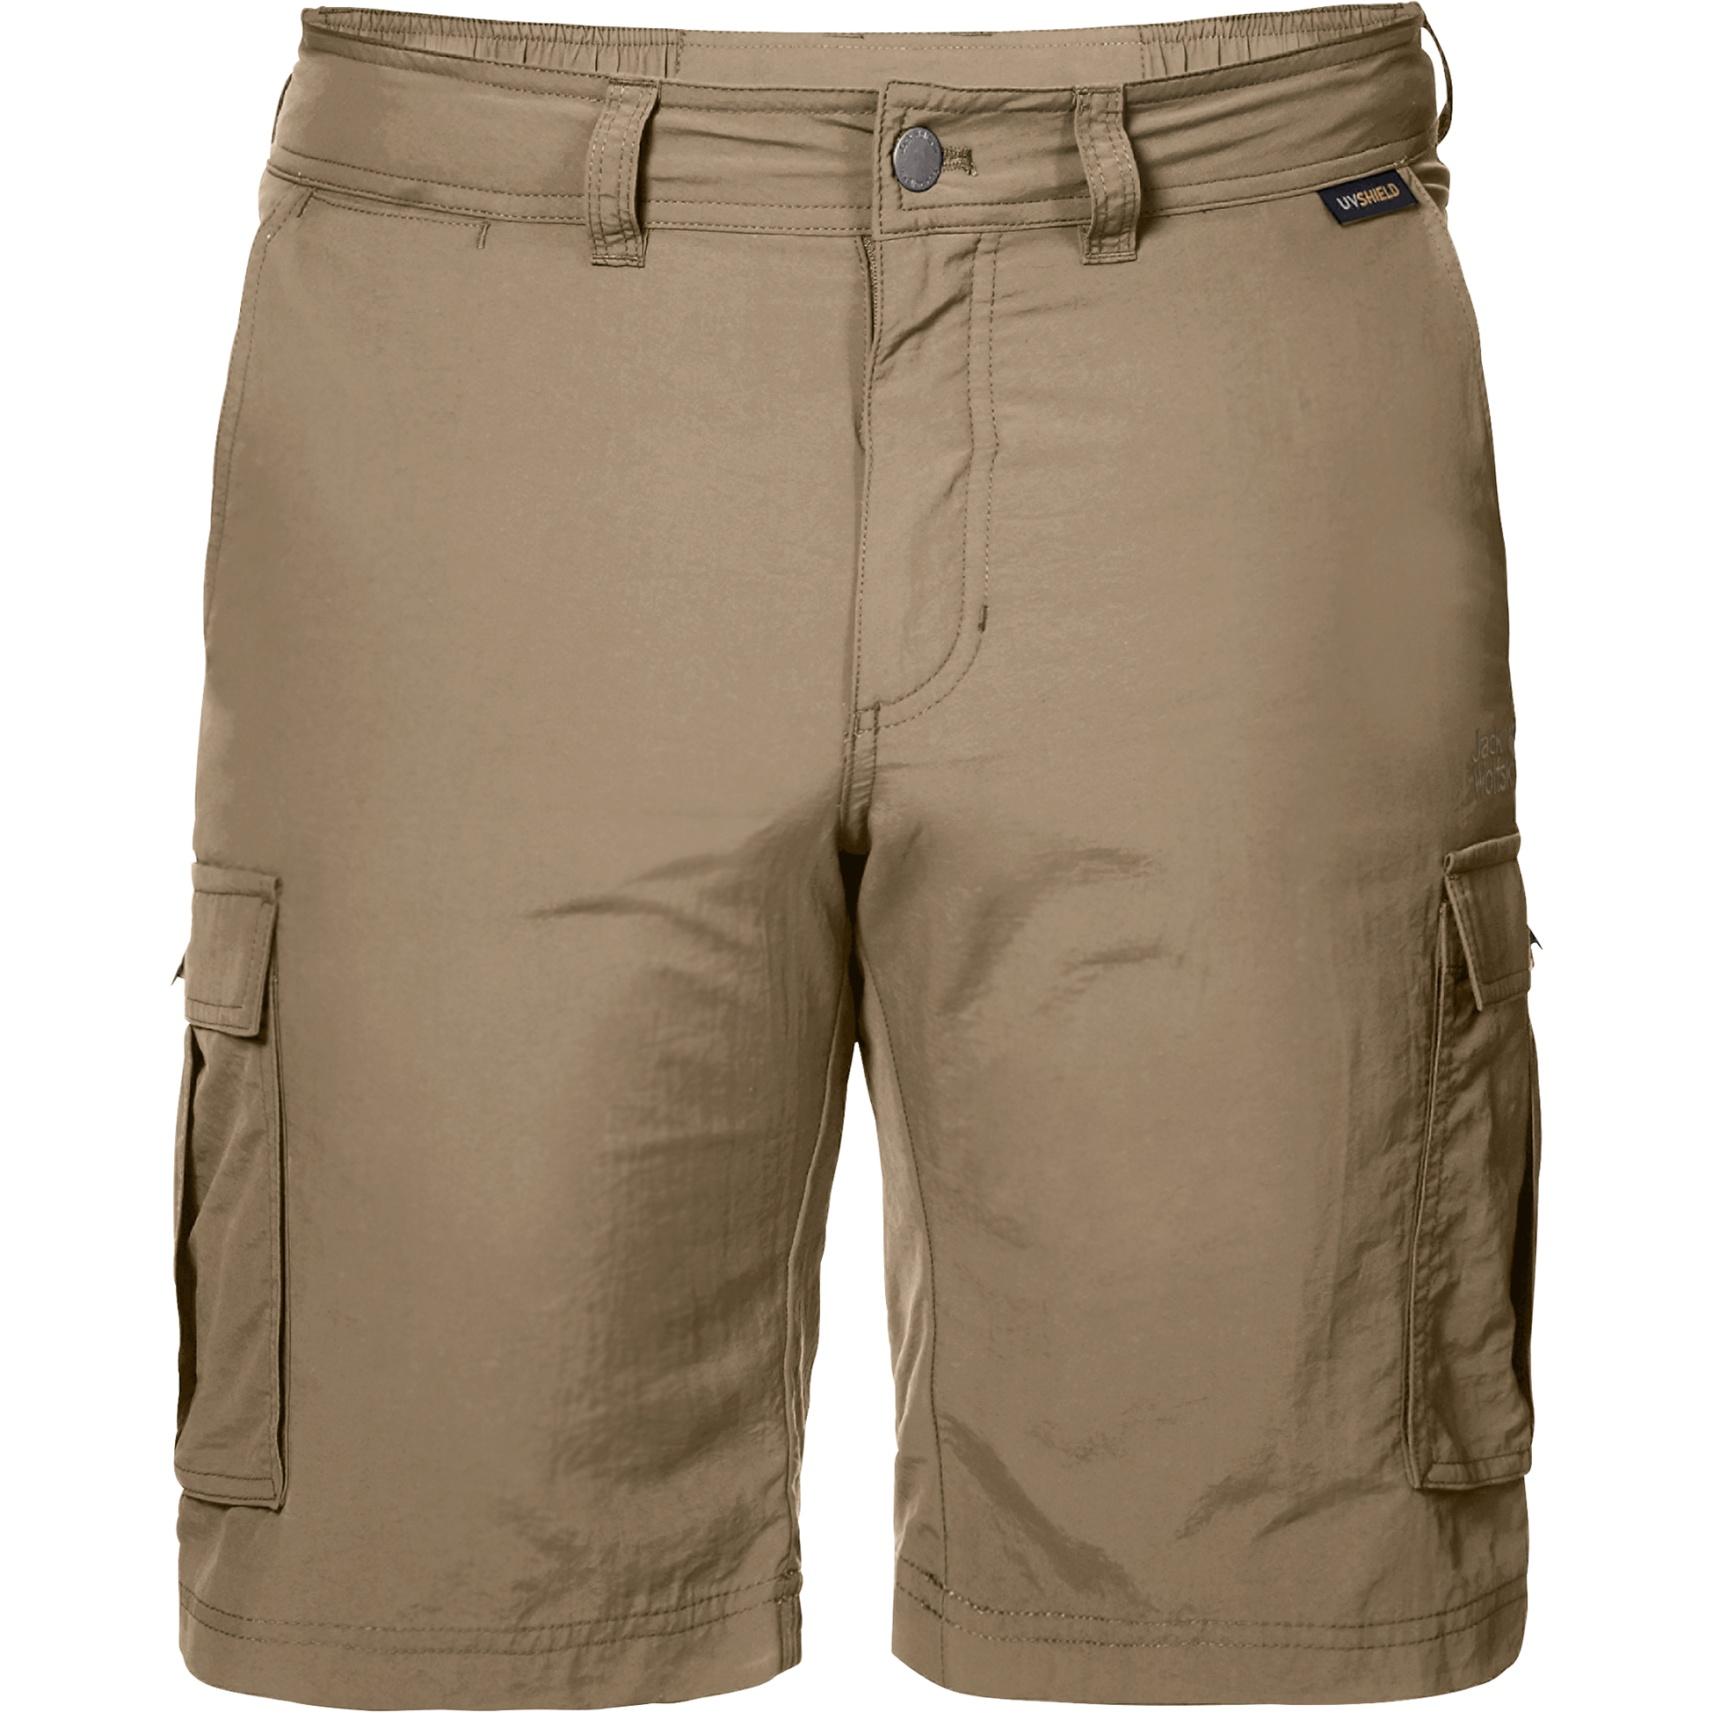 Jack Wolfskin Canyon Cargo Shorts Men Hose - sand dune